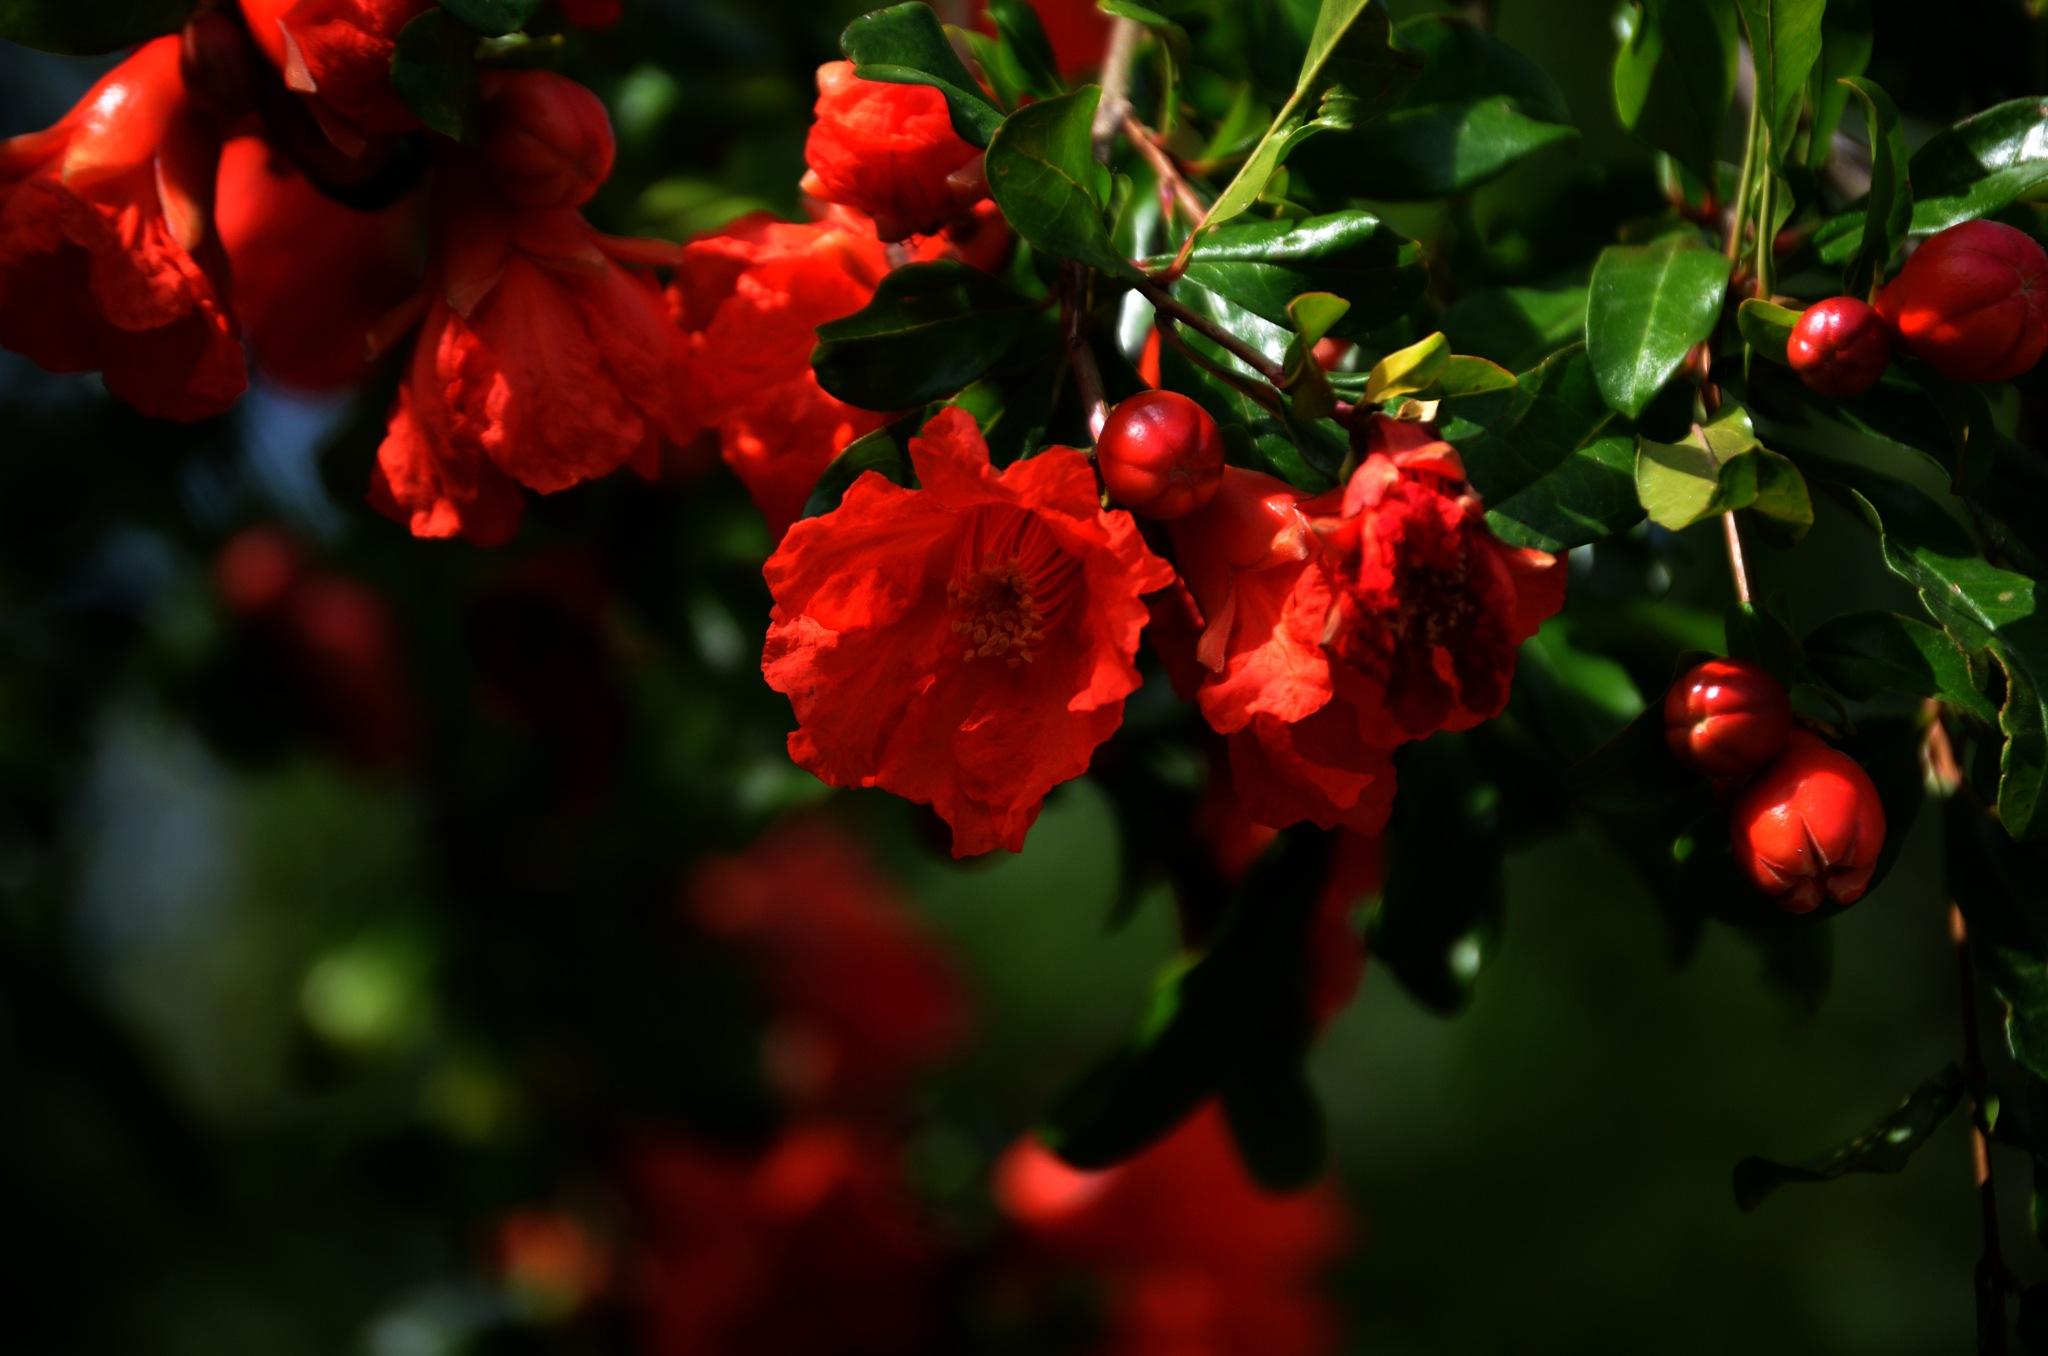 pomegranate flower by Emel Seckin